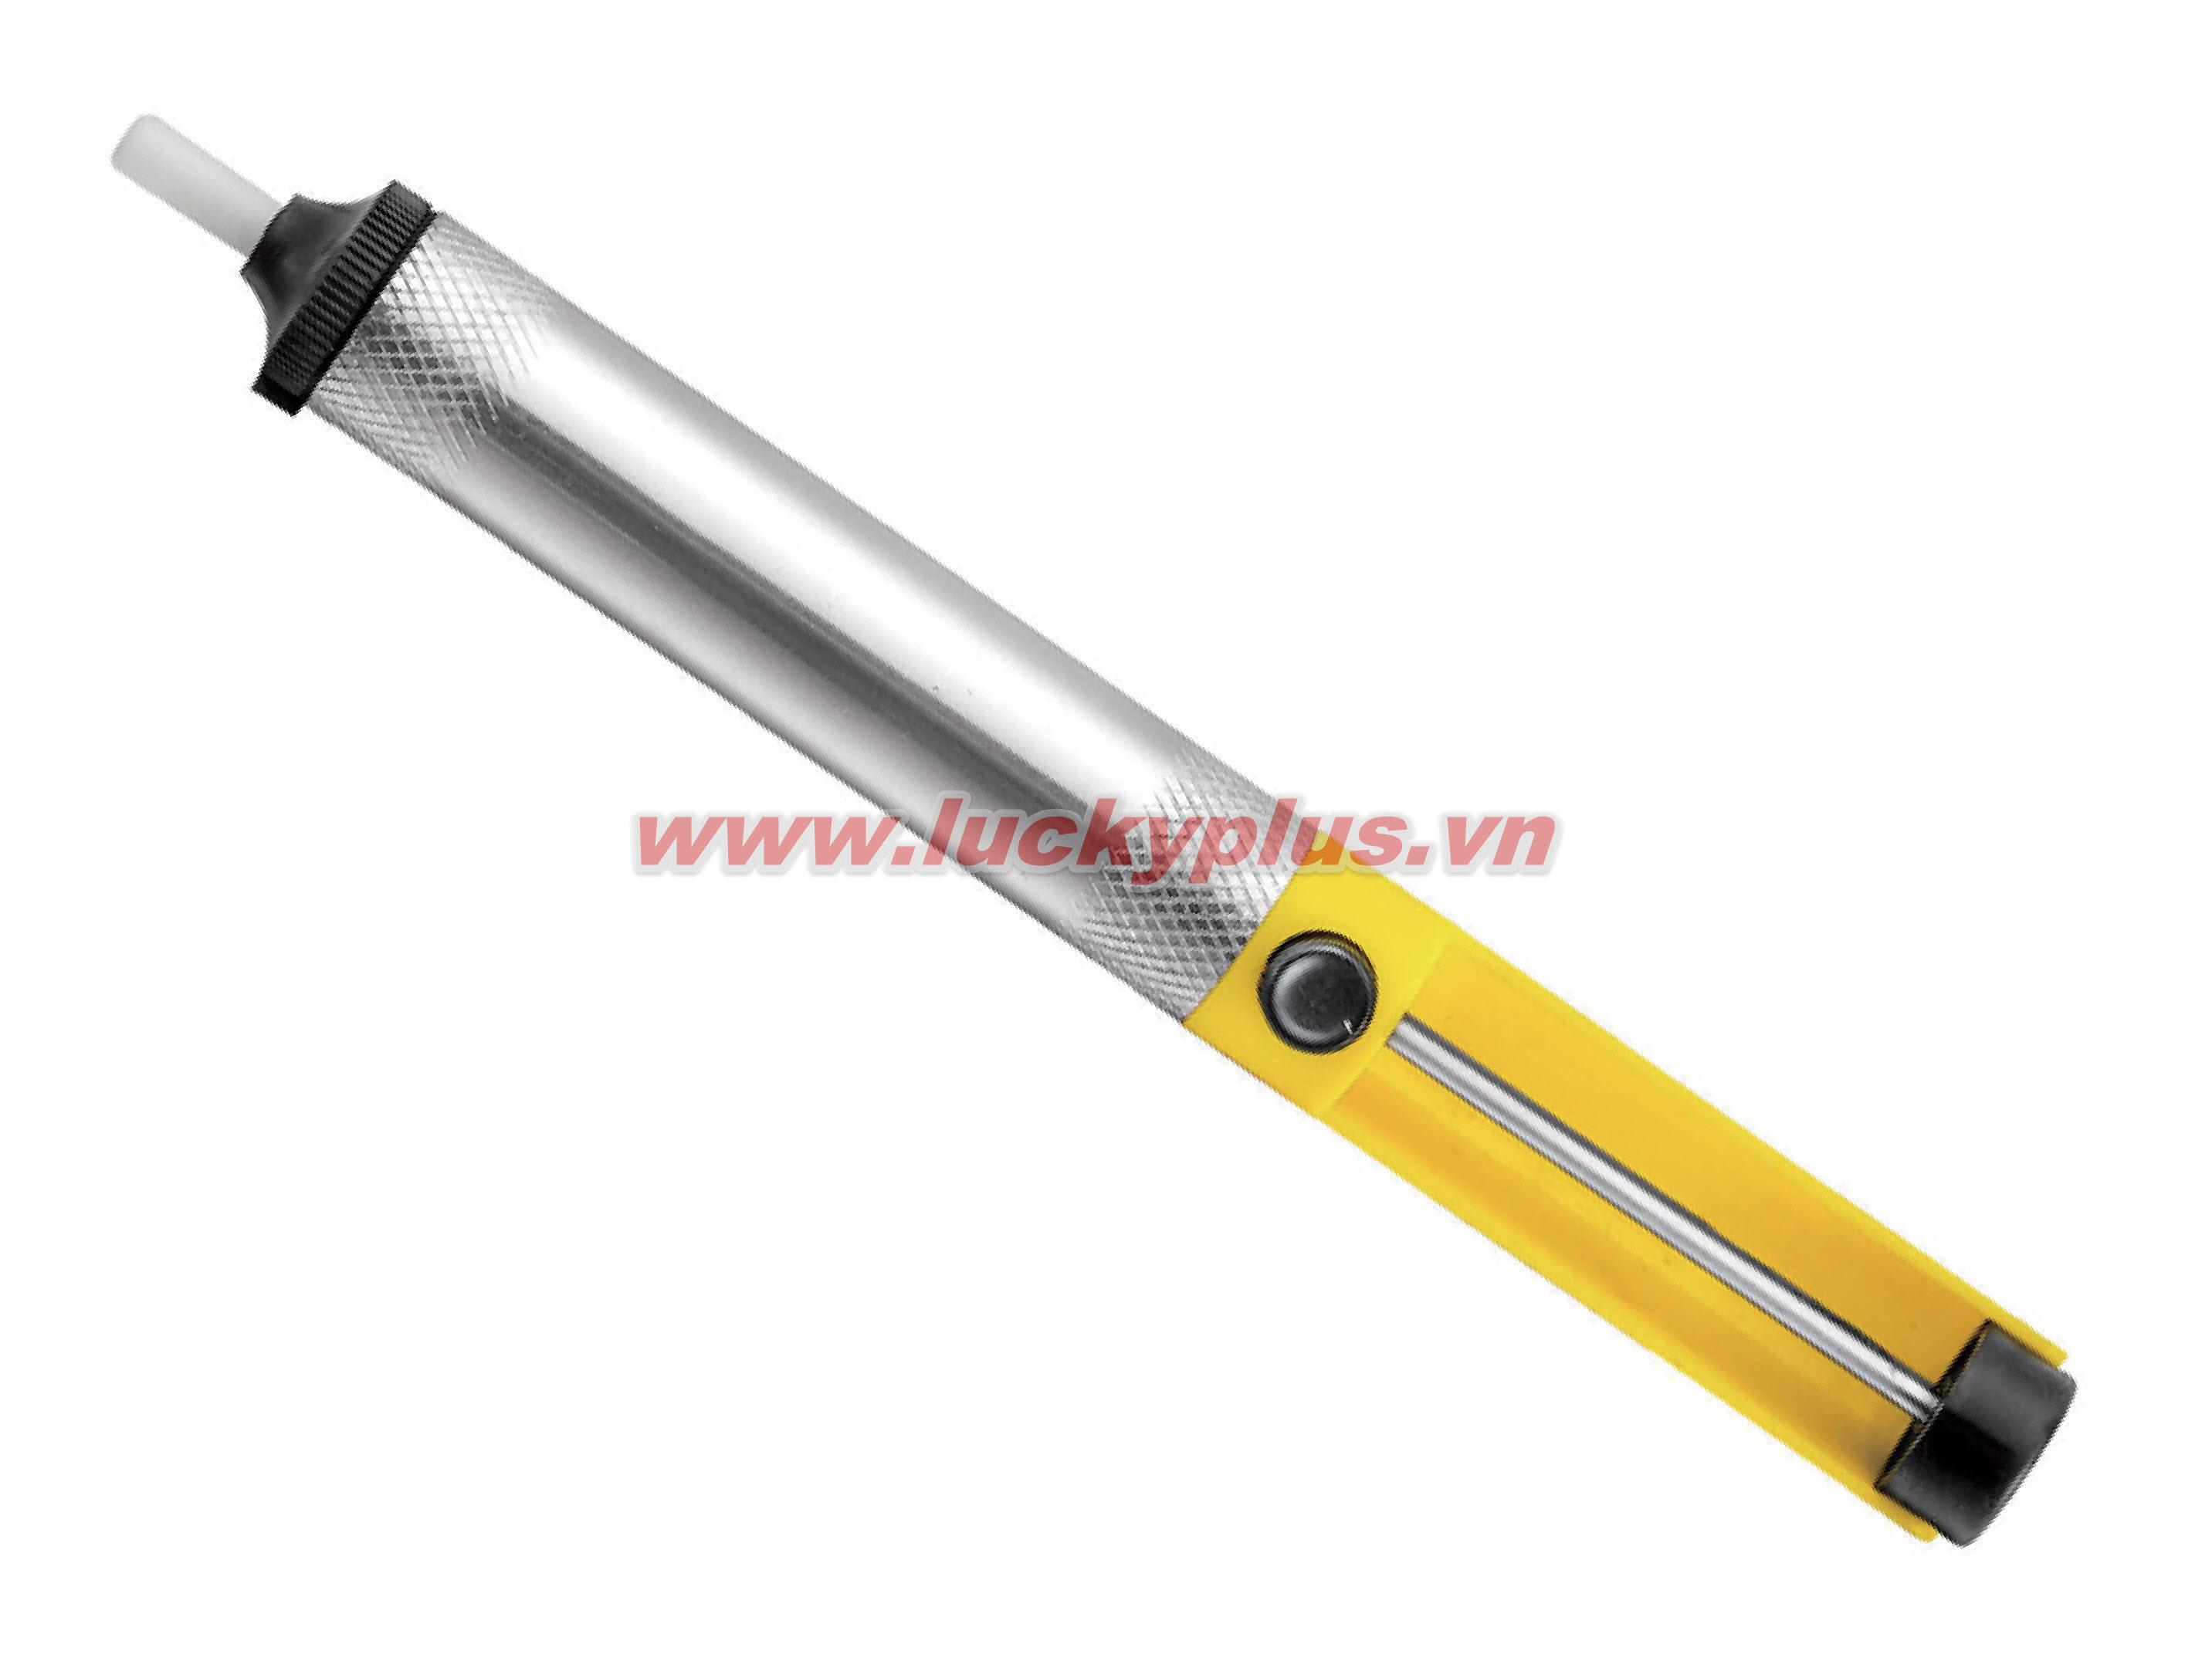 Máy bơm hàn FiveSheep FS-93001